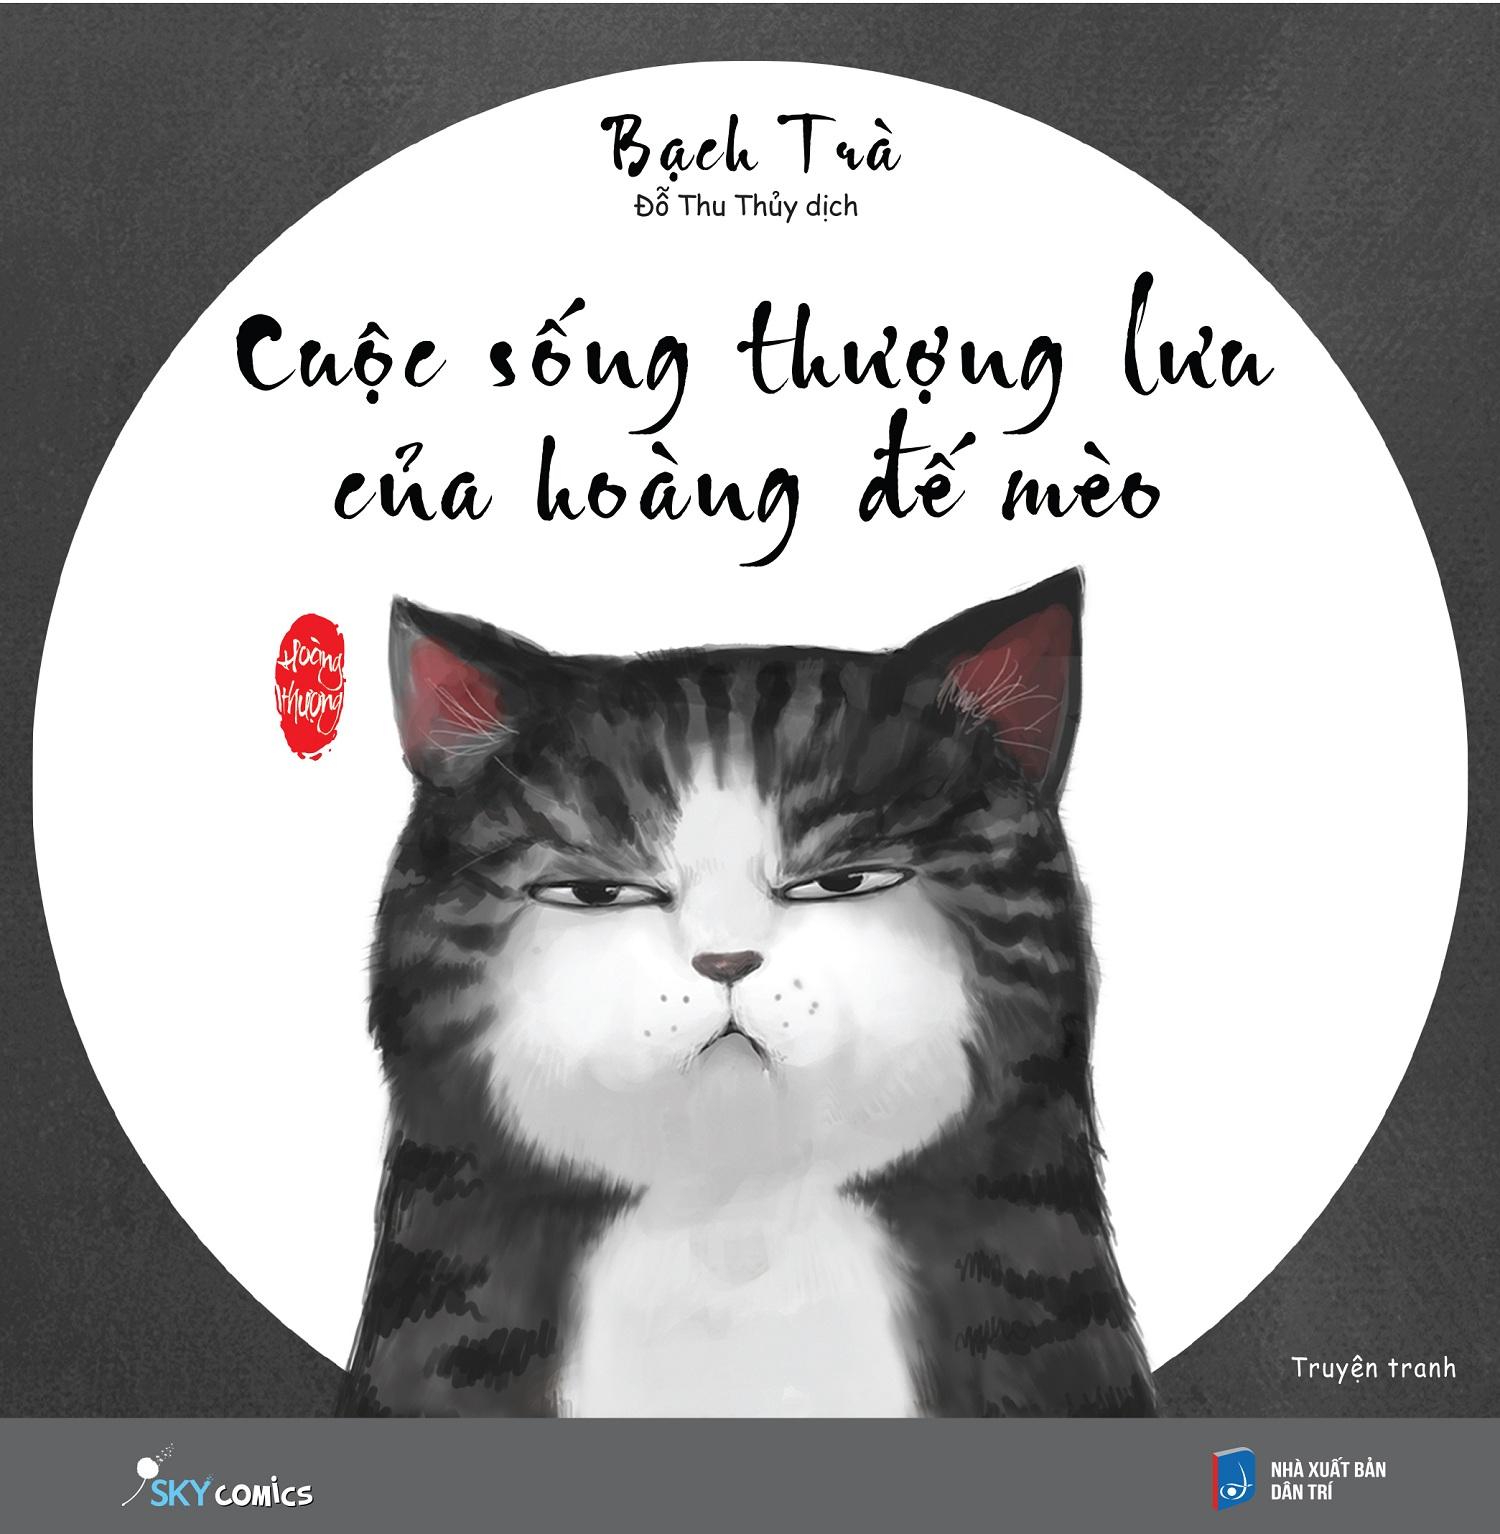 Cuộc Sống Thượng Lưu Của Hoàng Đế Mèo (Tặng Kèm Postcard Siêu Xinh)